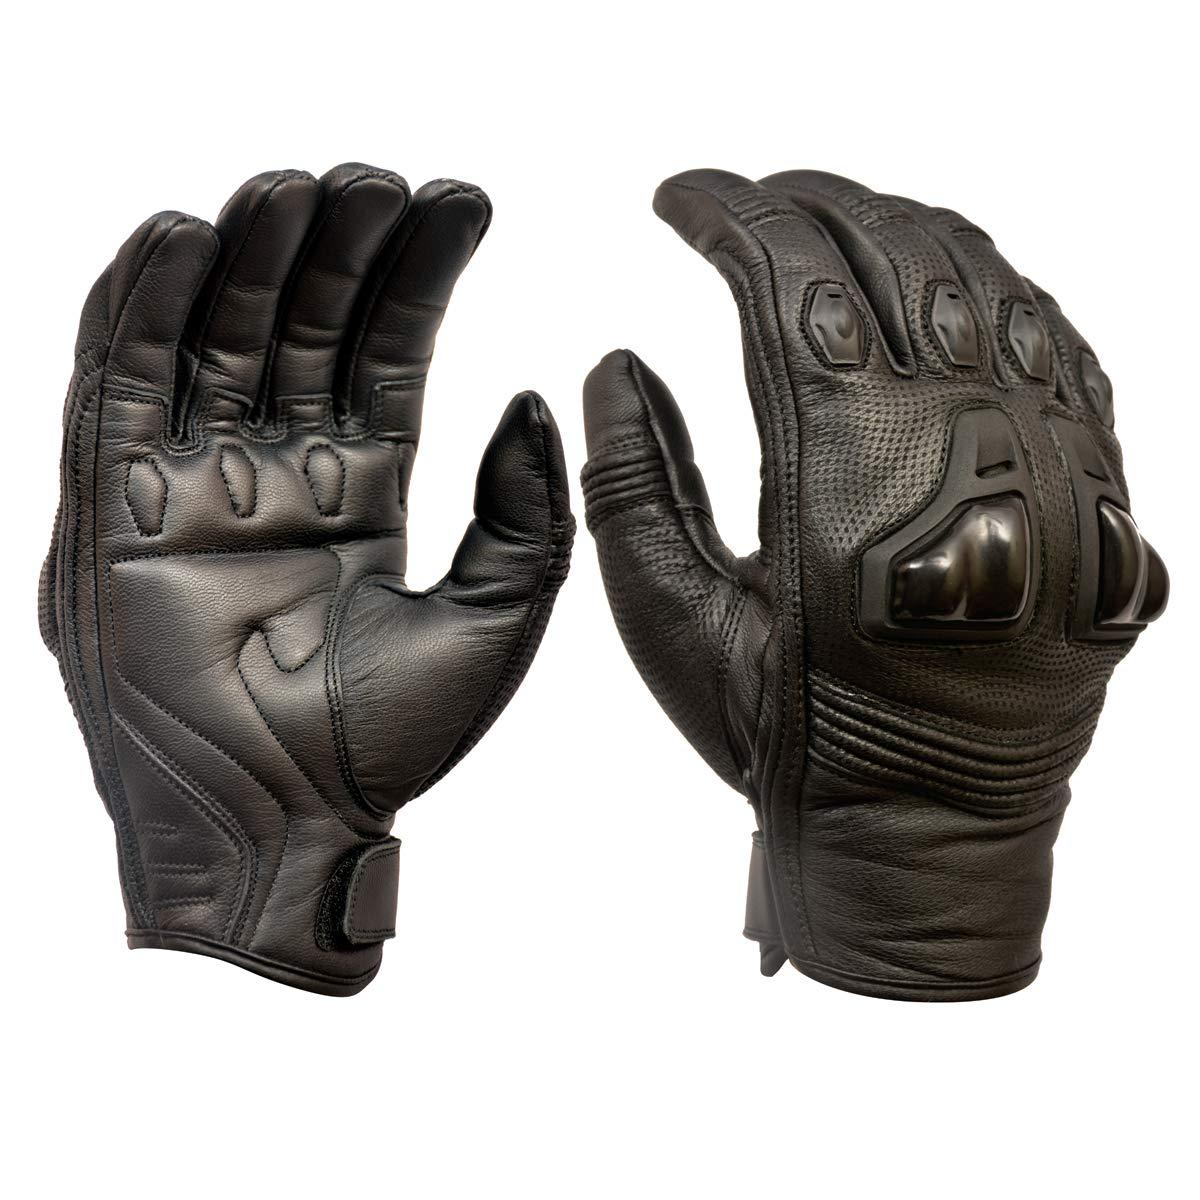 Royal Men Gear Gants de moto en cuir de qualit/é sup/érieure pour /écran tactile avec protection des phalanges